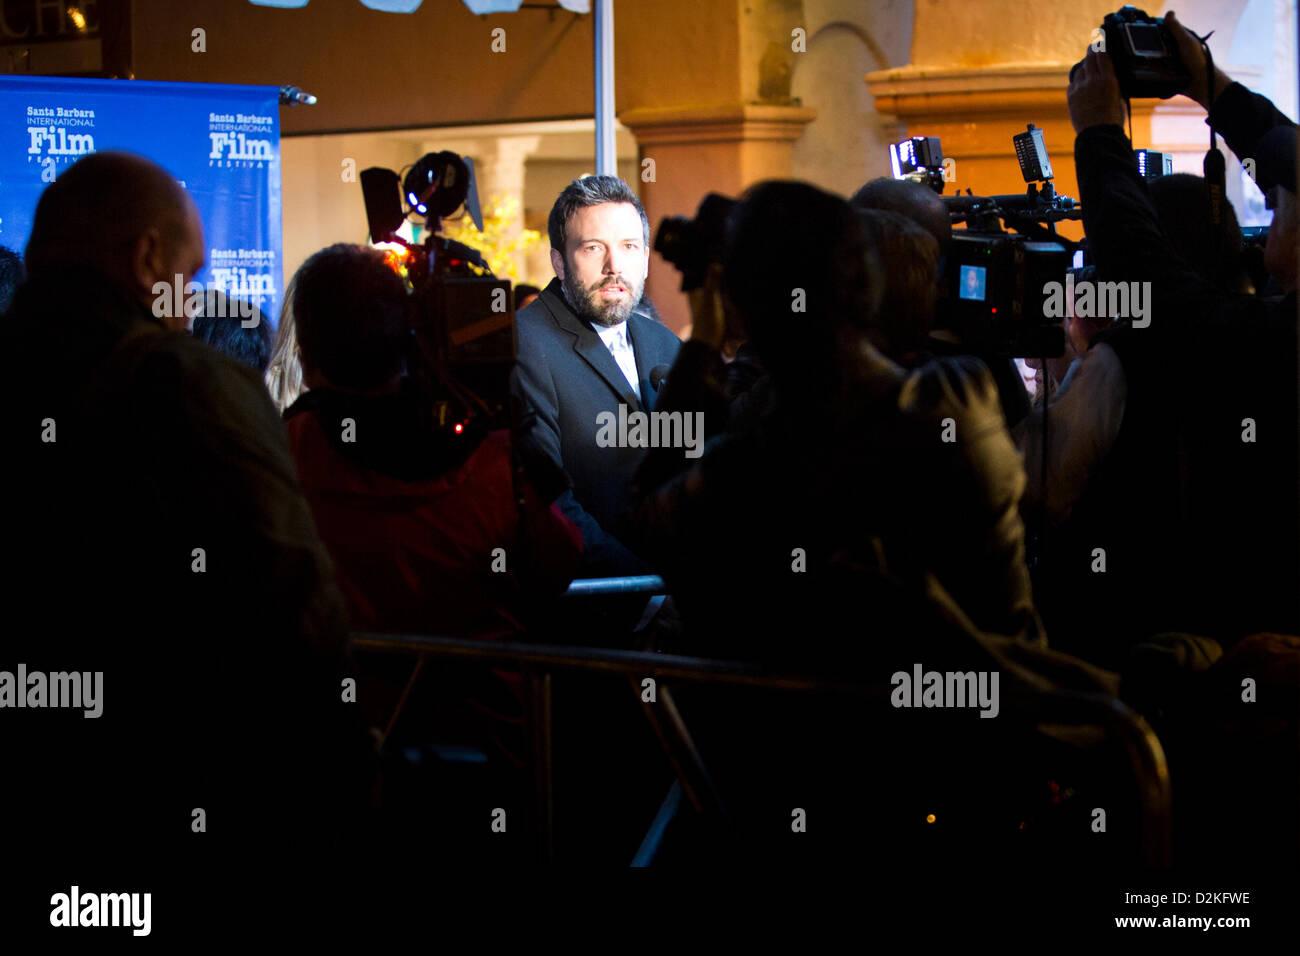 Une foule de journalistes et photographes entourent l'acteur et réalisateur Ben Affleck. (Photo by Scott Photo Stock